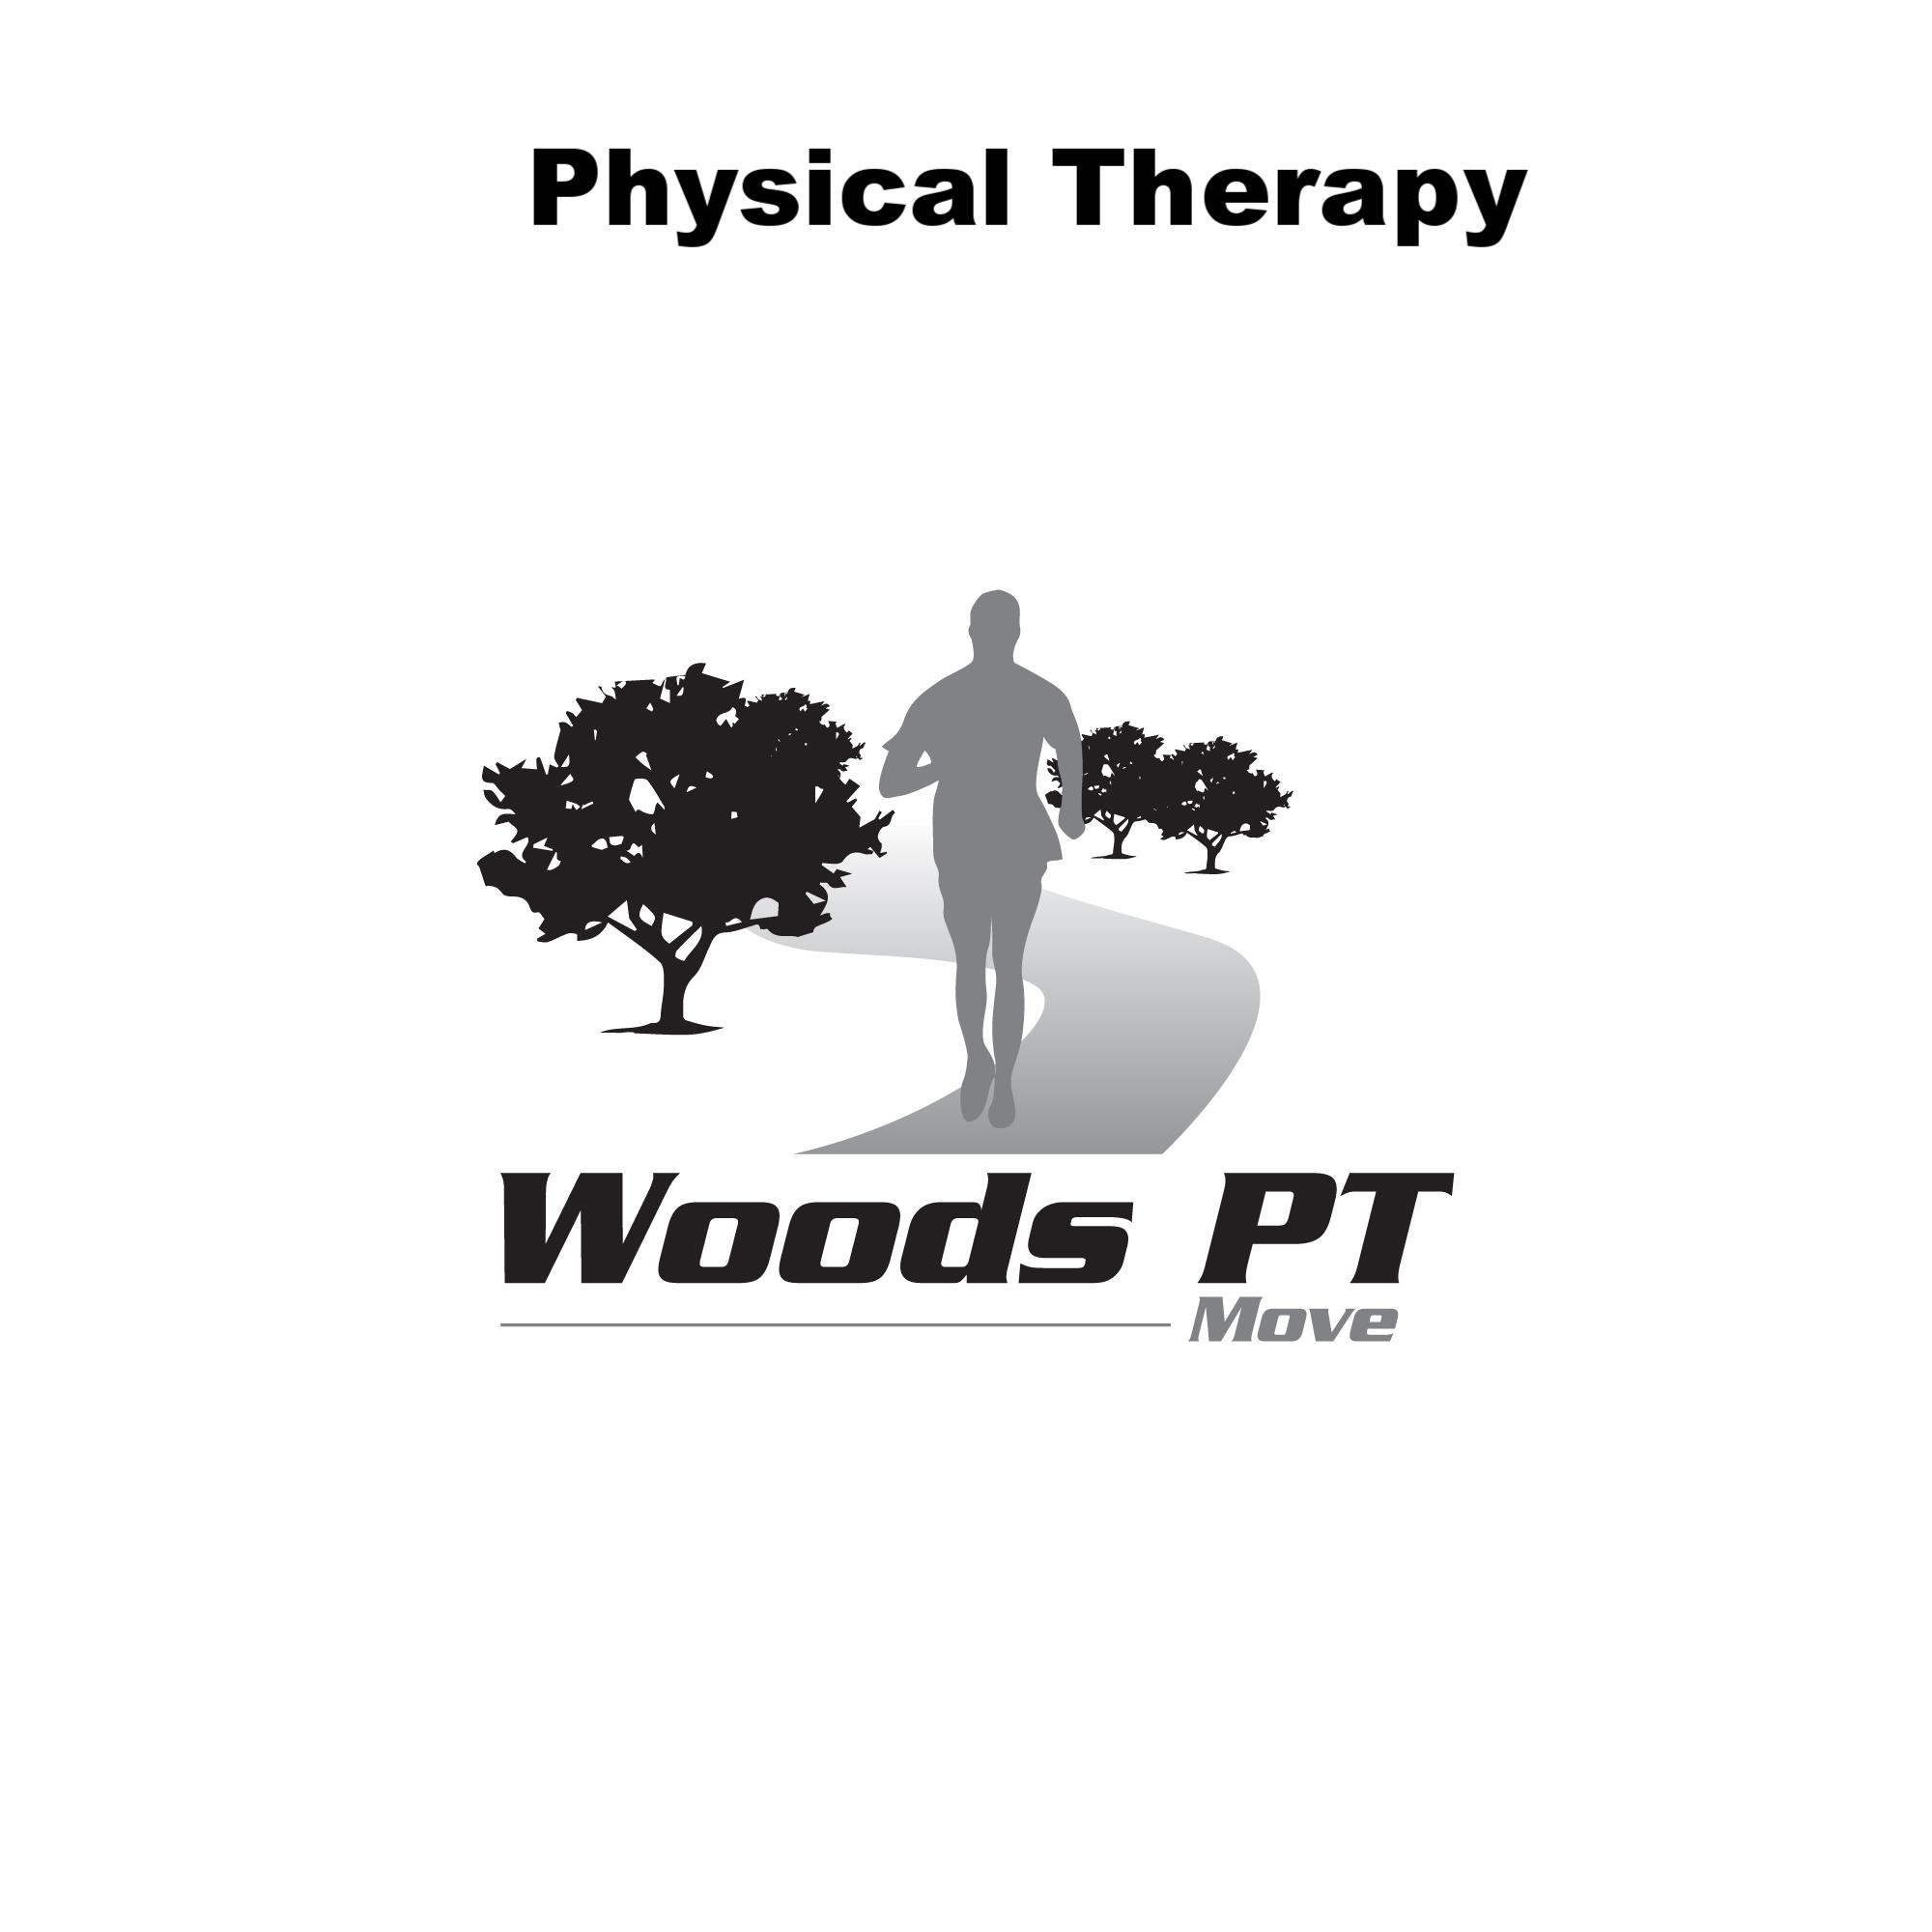 94538_Woods PT_logo_03.jpg